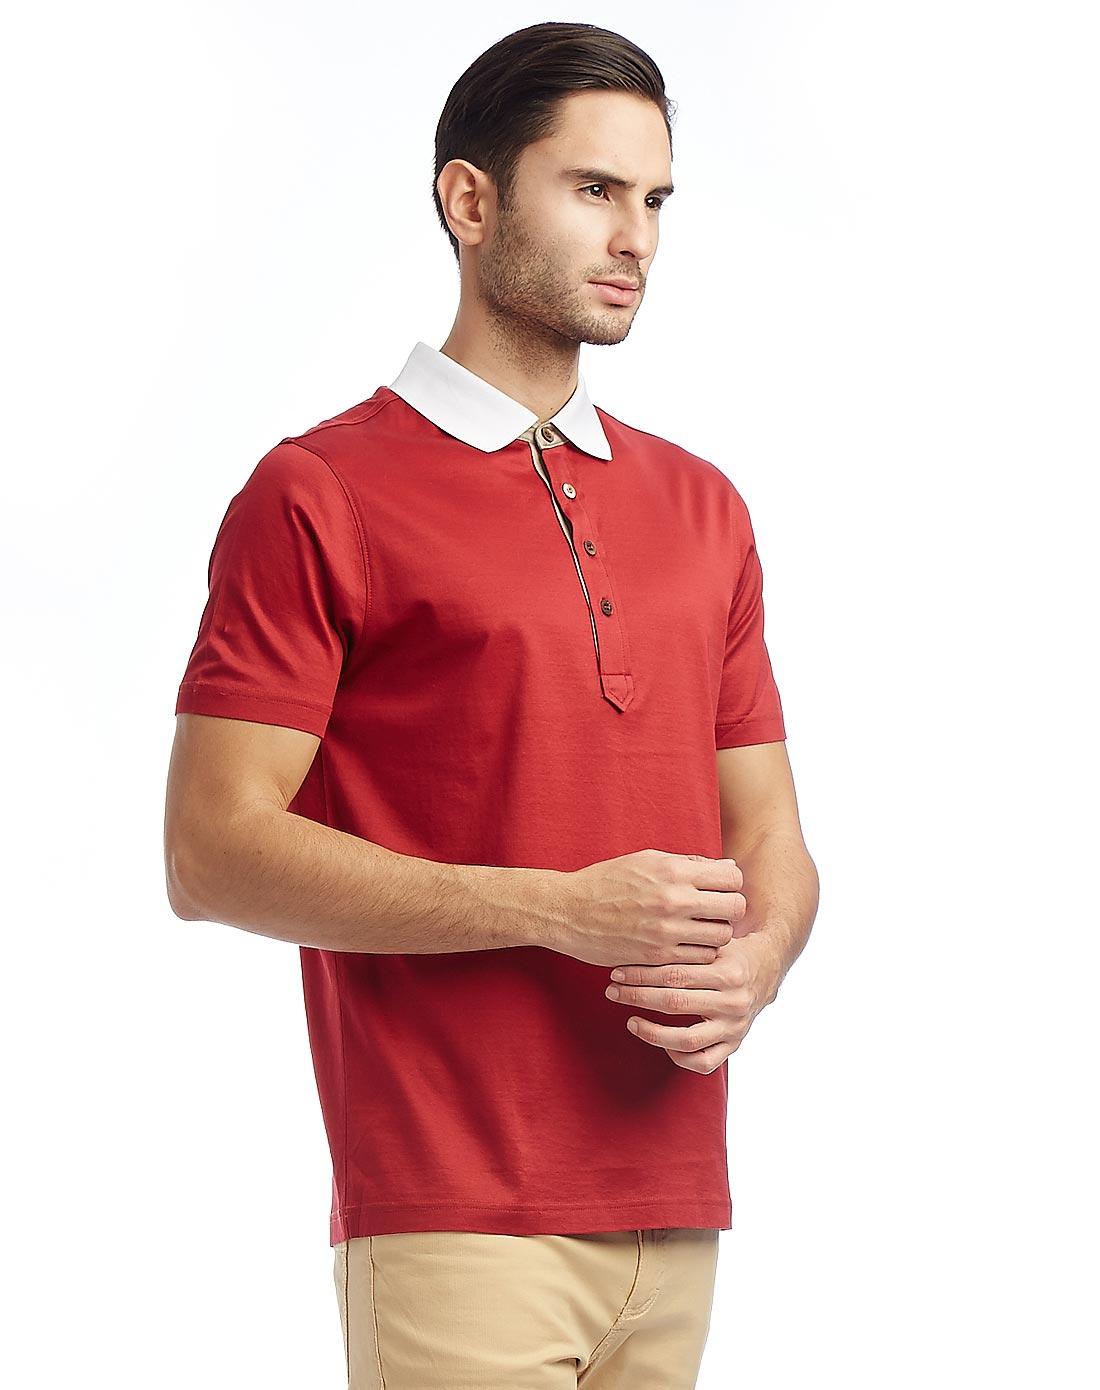 服_t恤 t恤 服装 工作服 衣服 制服 1100_1390 竖版 竖屏